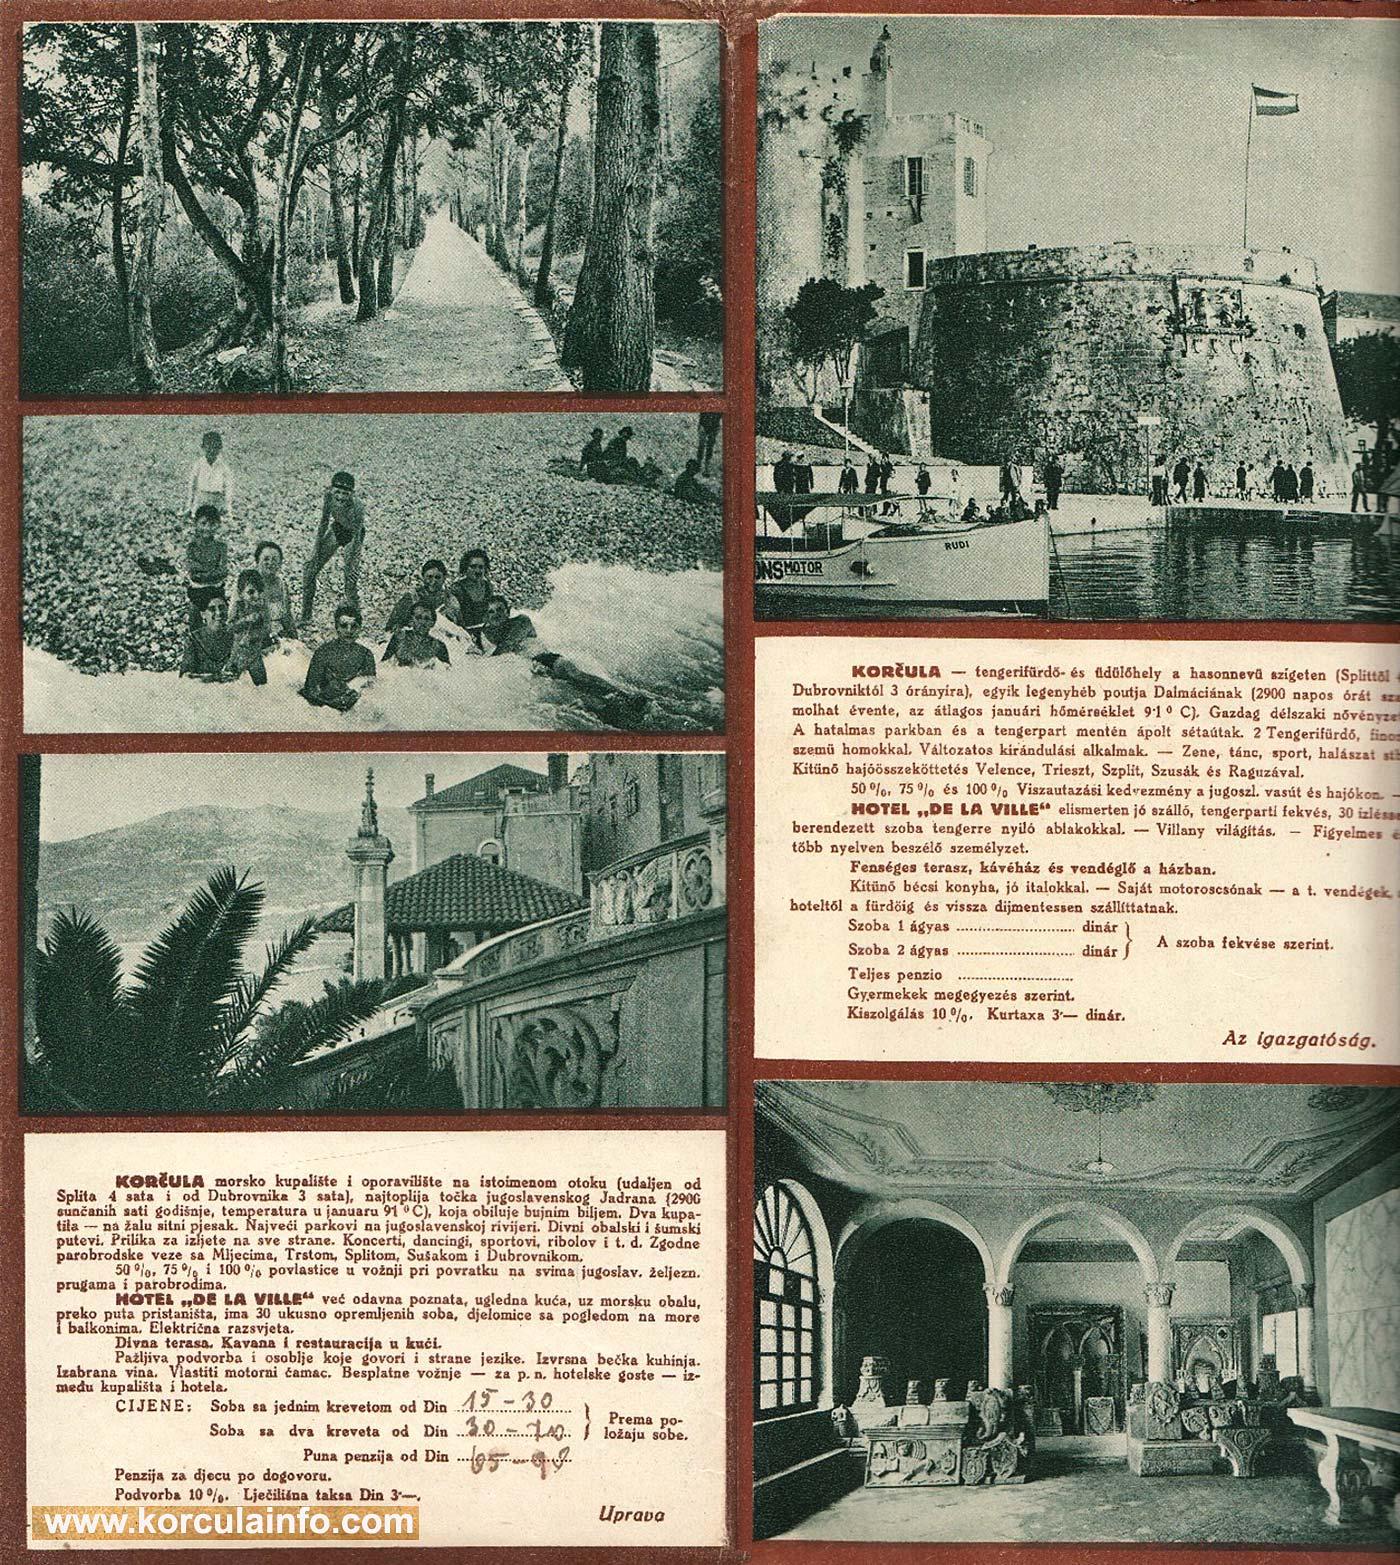 Hotel De La Ville - Brochure (1930s) - Inside panel